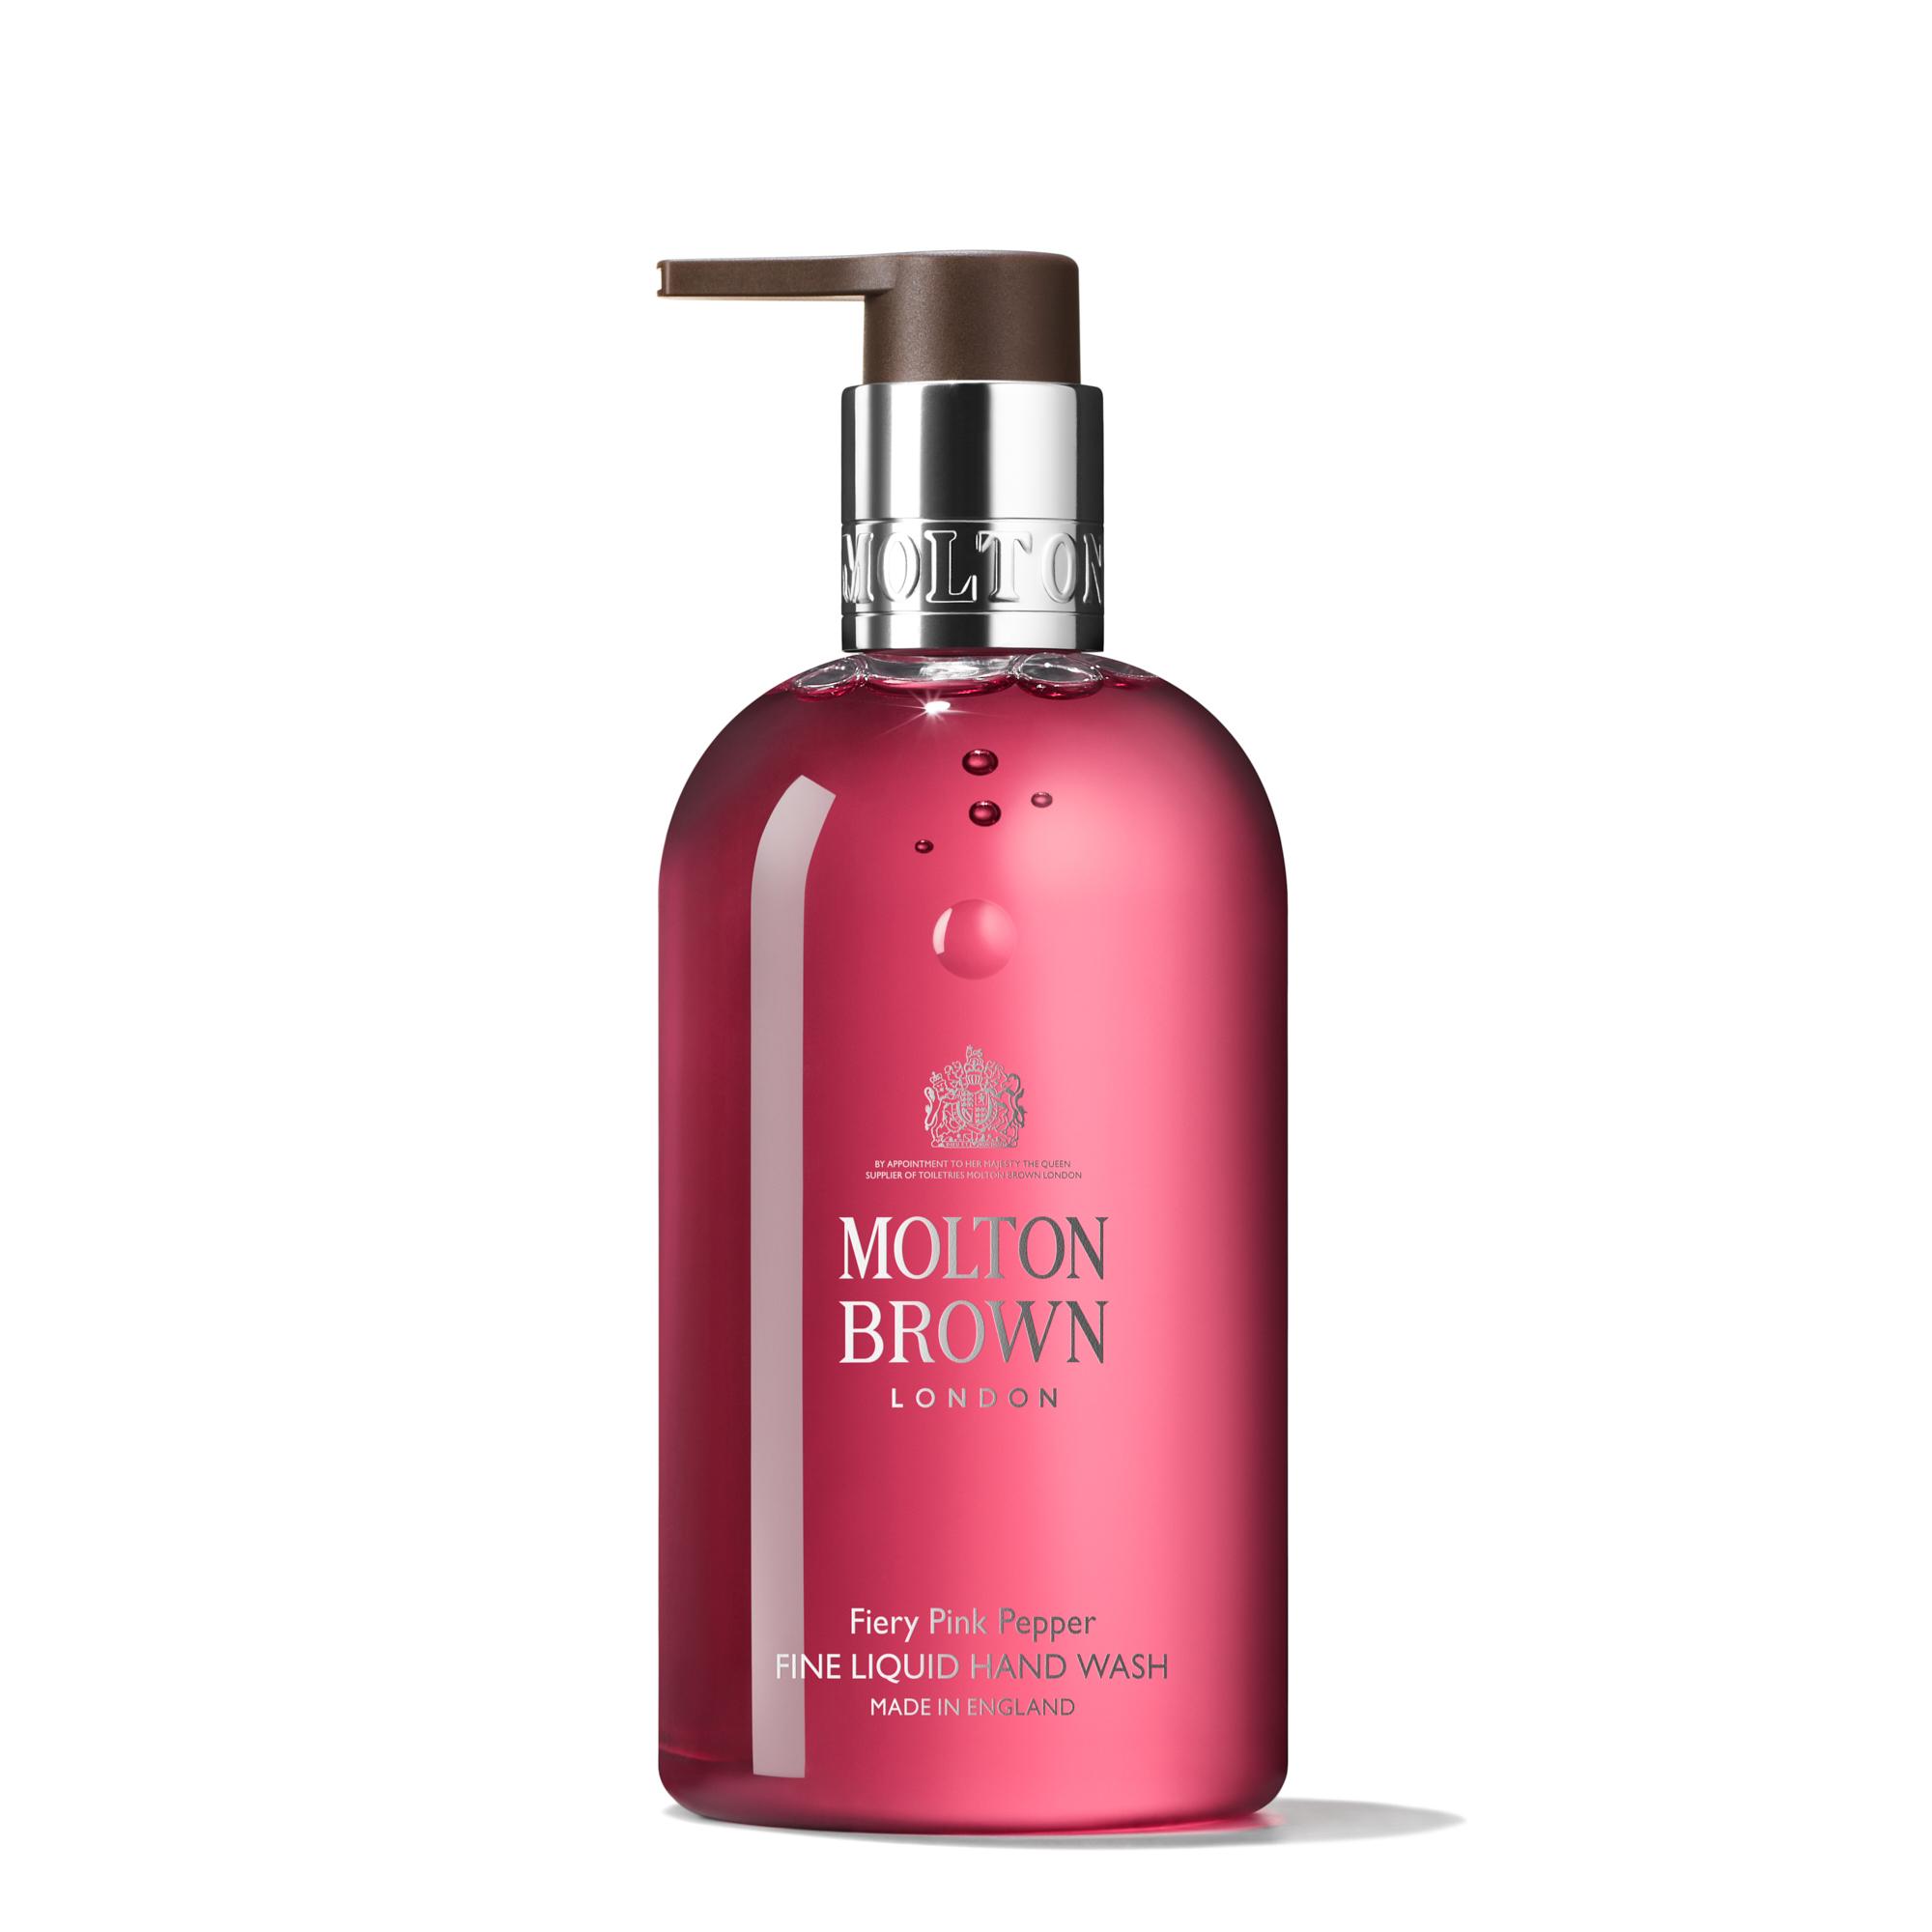 195044c028e0 Molton Brown Fiery Pink Pepper Fine Liquid Hand Wash 300ml